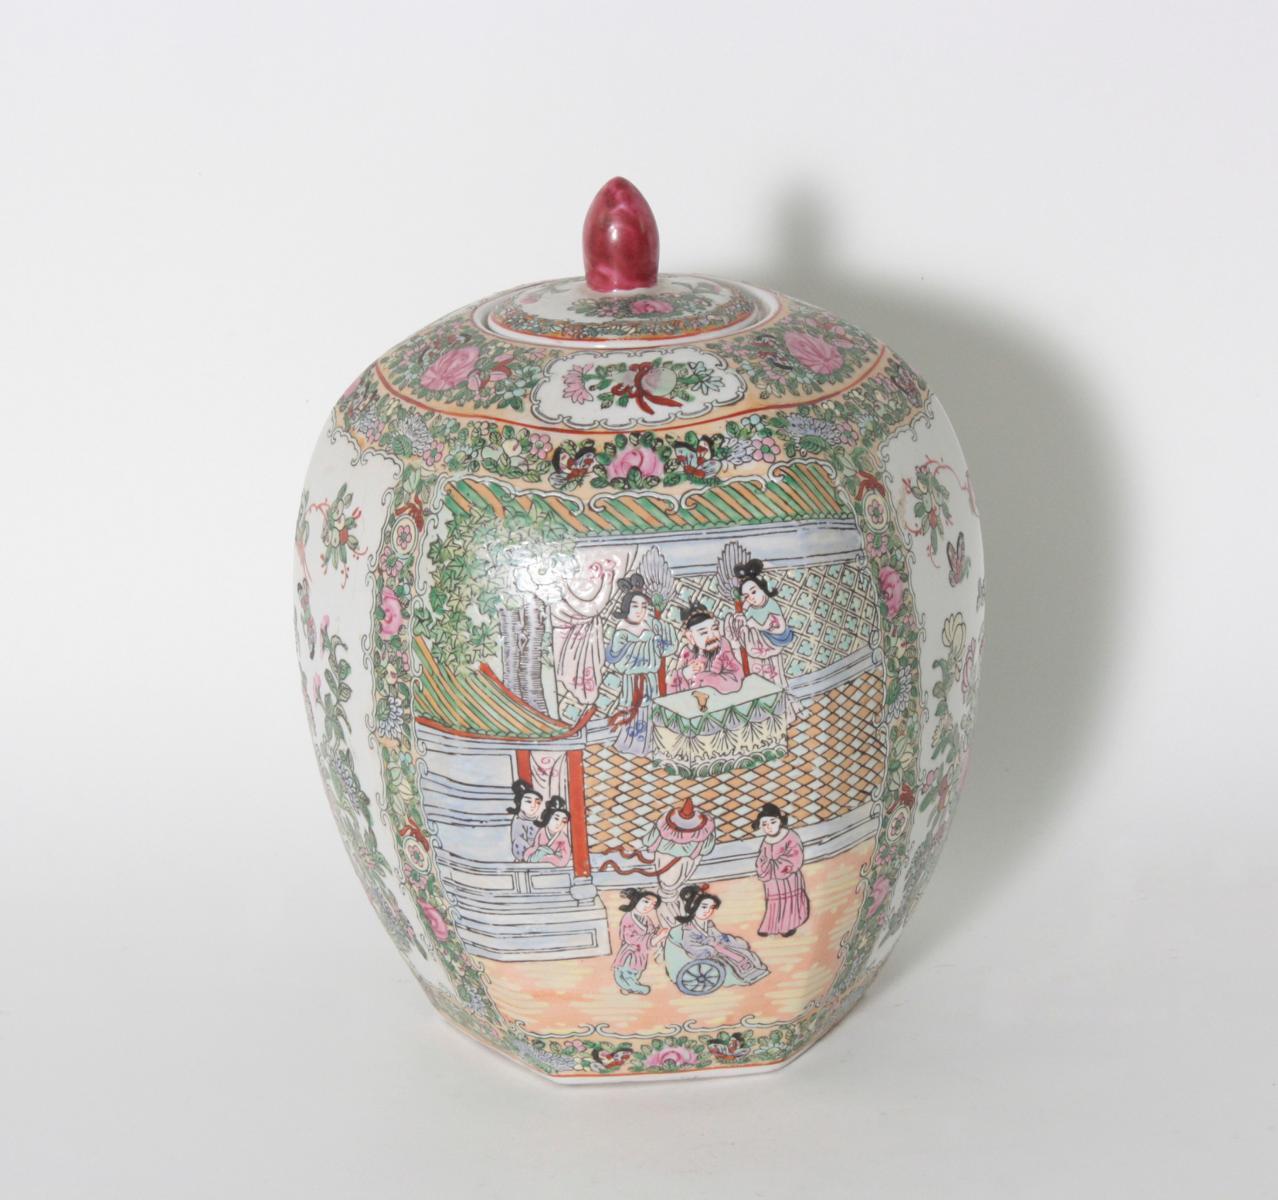 Ingwer-, Deckelvase, China, Kuang-hsi 1875-1908